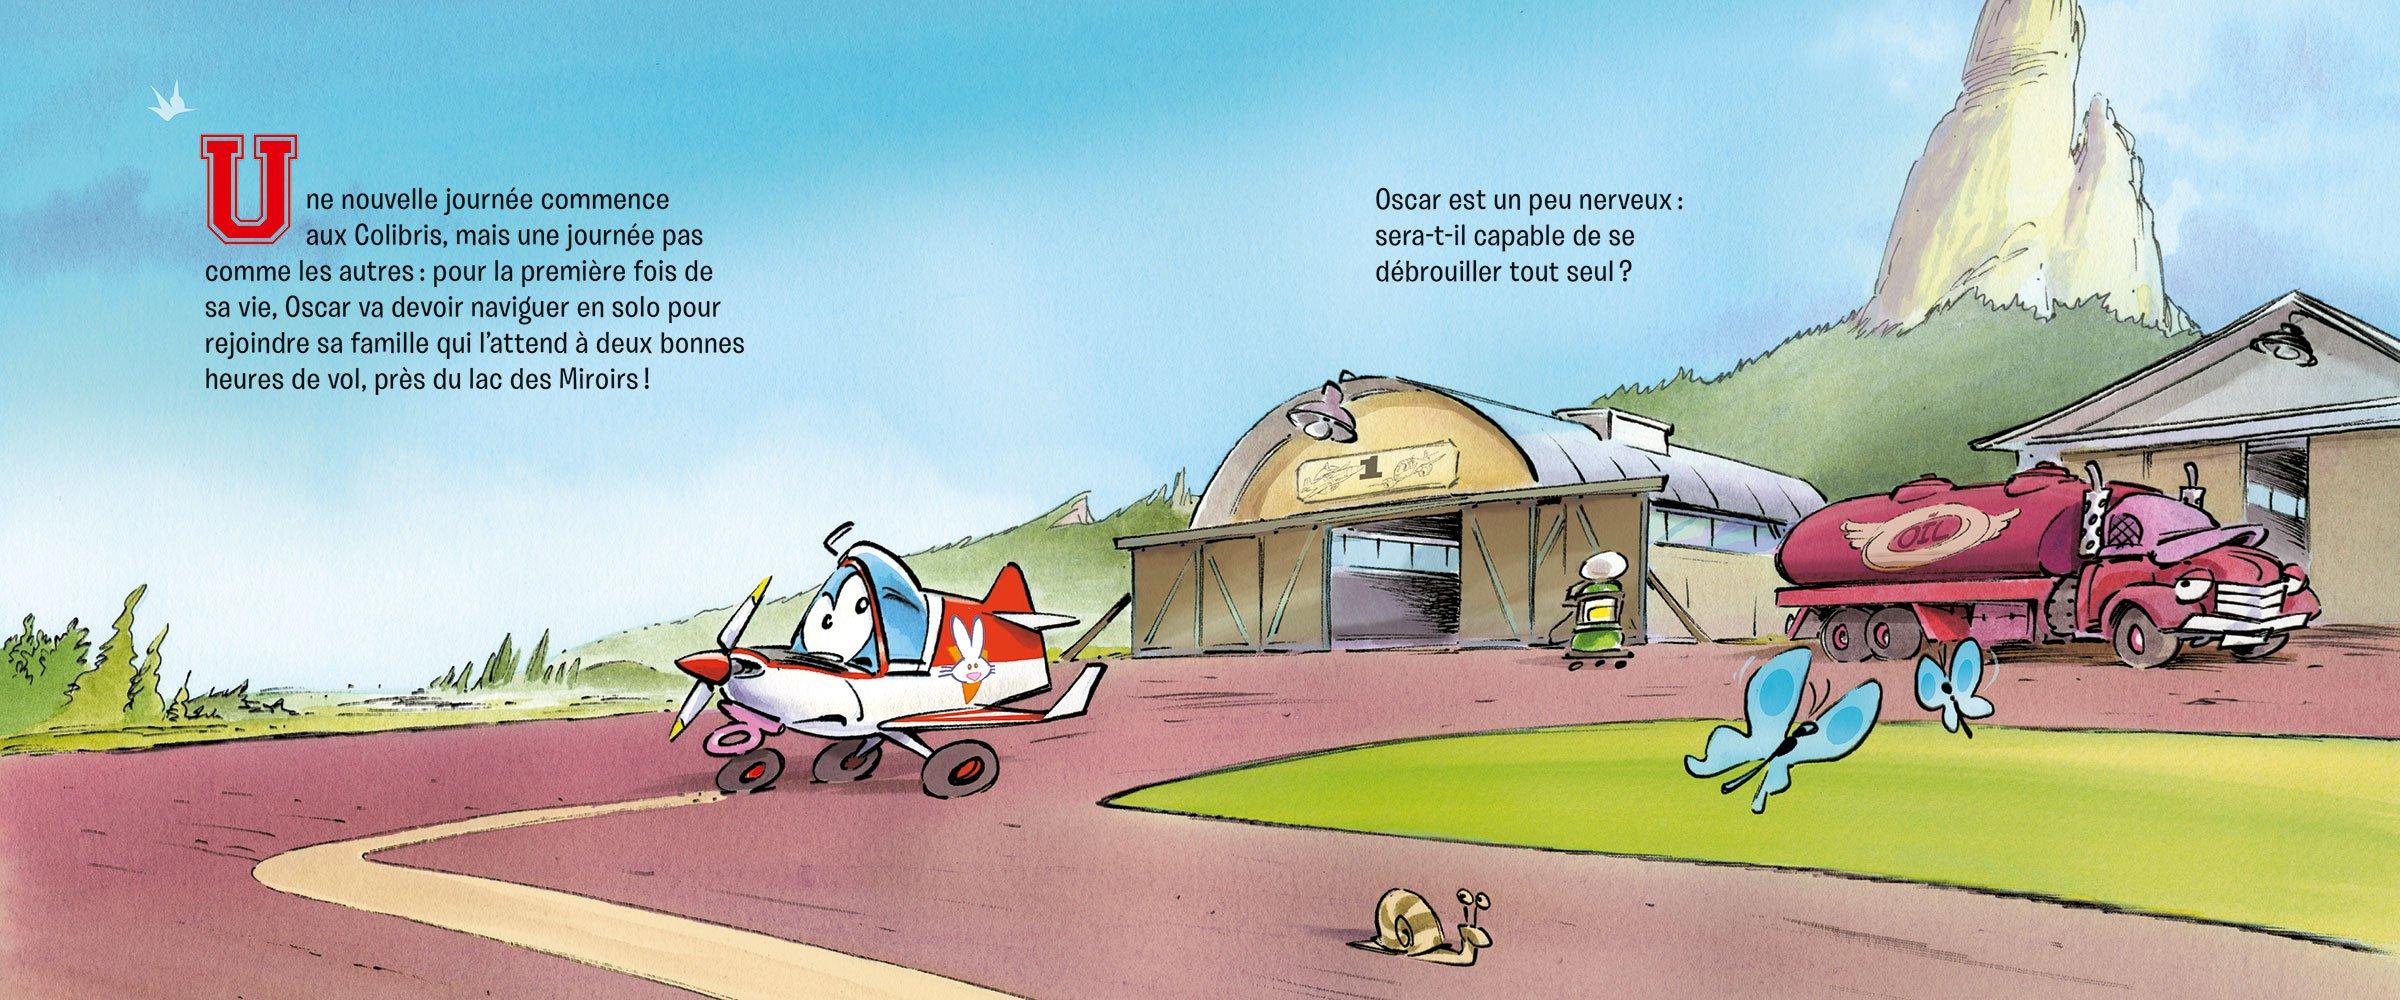 Aéroclub des Colibris #2 planche 1